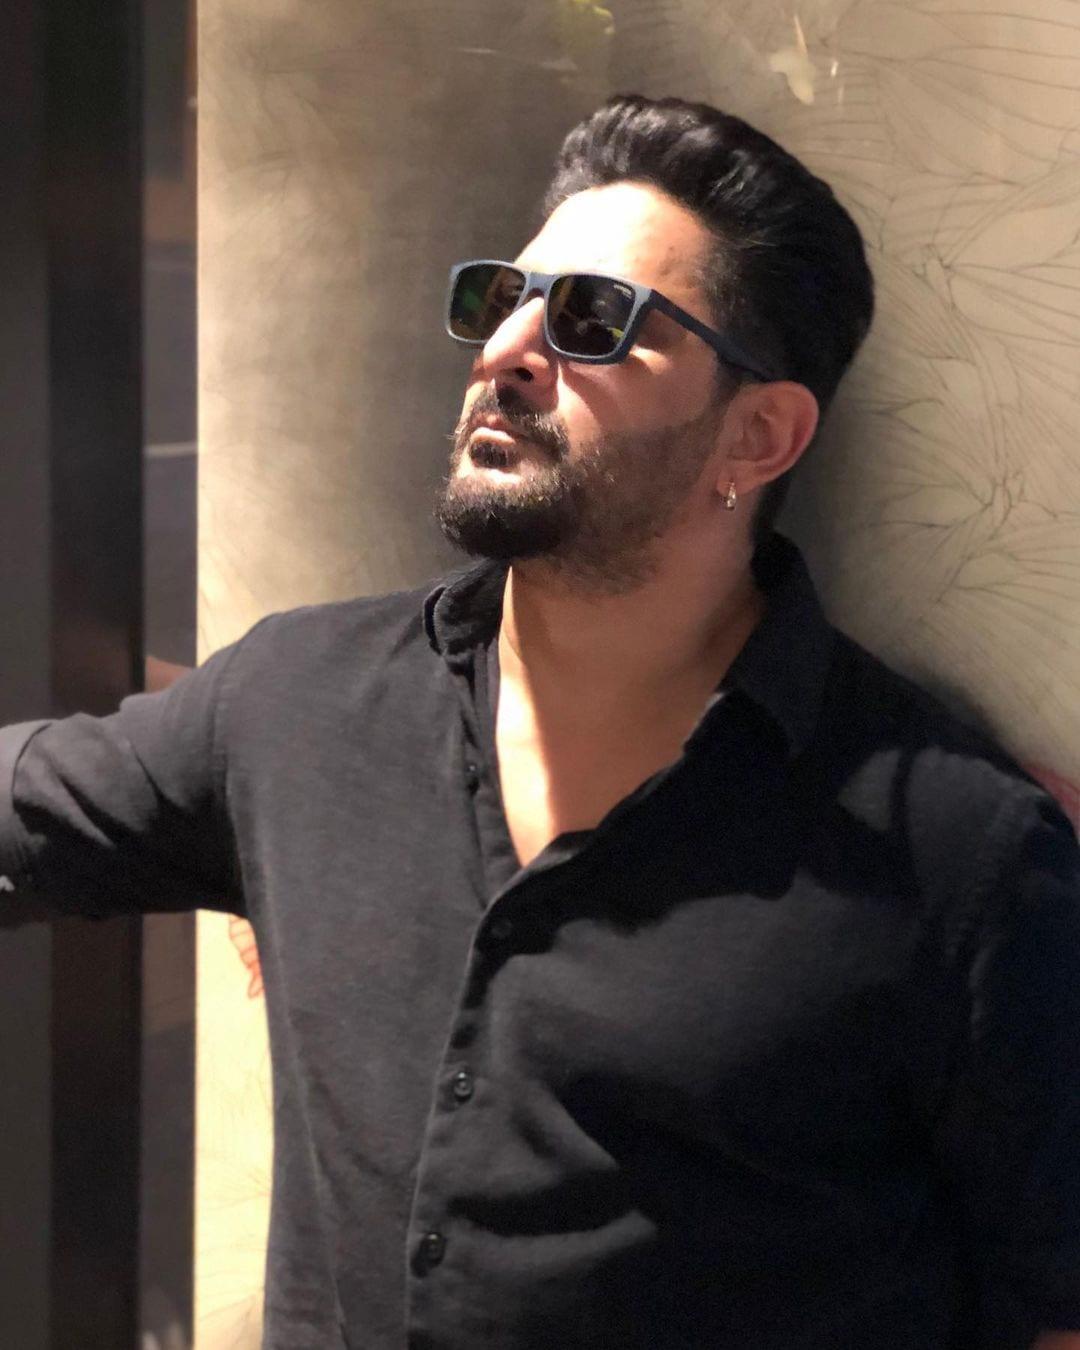 अरशद वारसी ने हाल ही में अक्षय कुमार के साथ 'बच्चन पांडे' की शूटिंग पूरी की है.अरशद के इस ट्रांसफॉर्मेशन पर एक फैंस ने कमेंट में लिखा 'और करो अक्षय सर के साथ मूवी'. (फोटो साभार: arshad_warsi/Instagram)